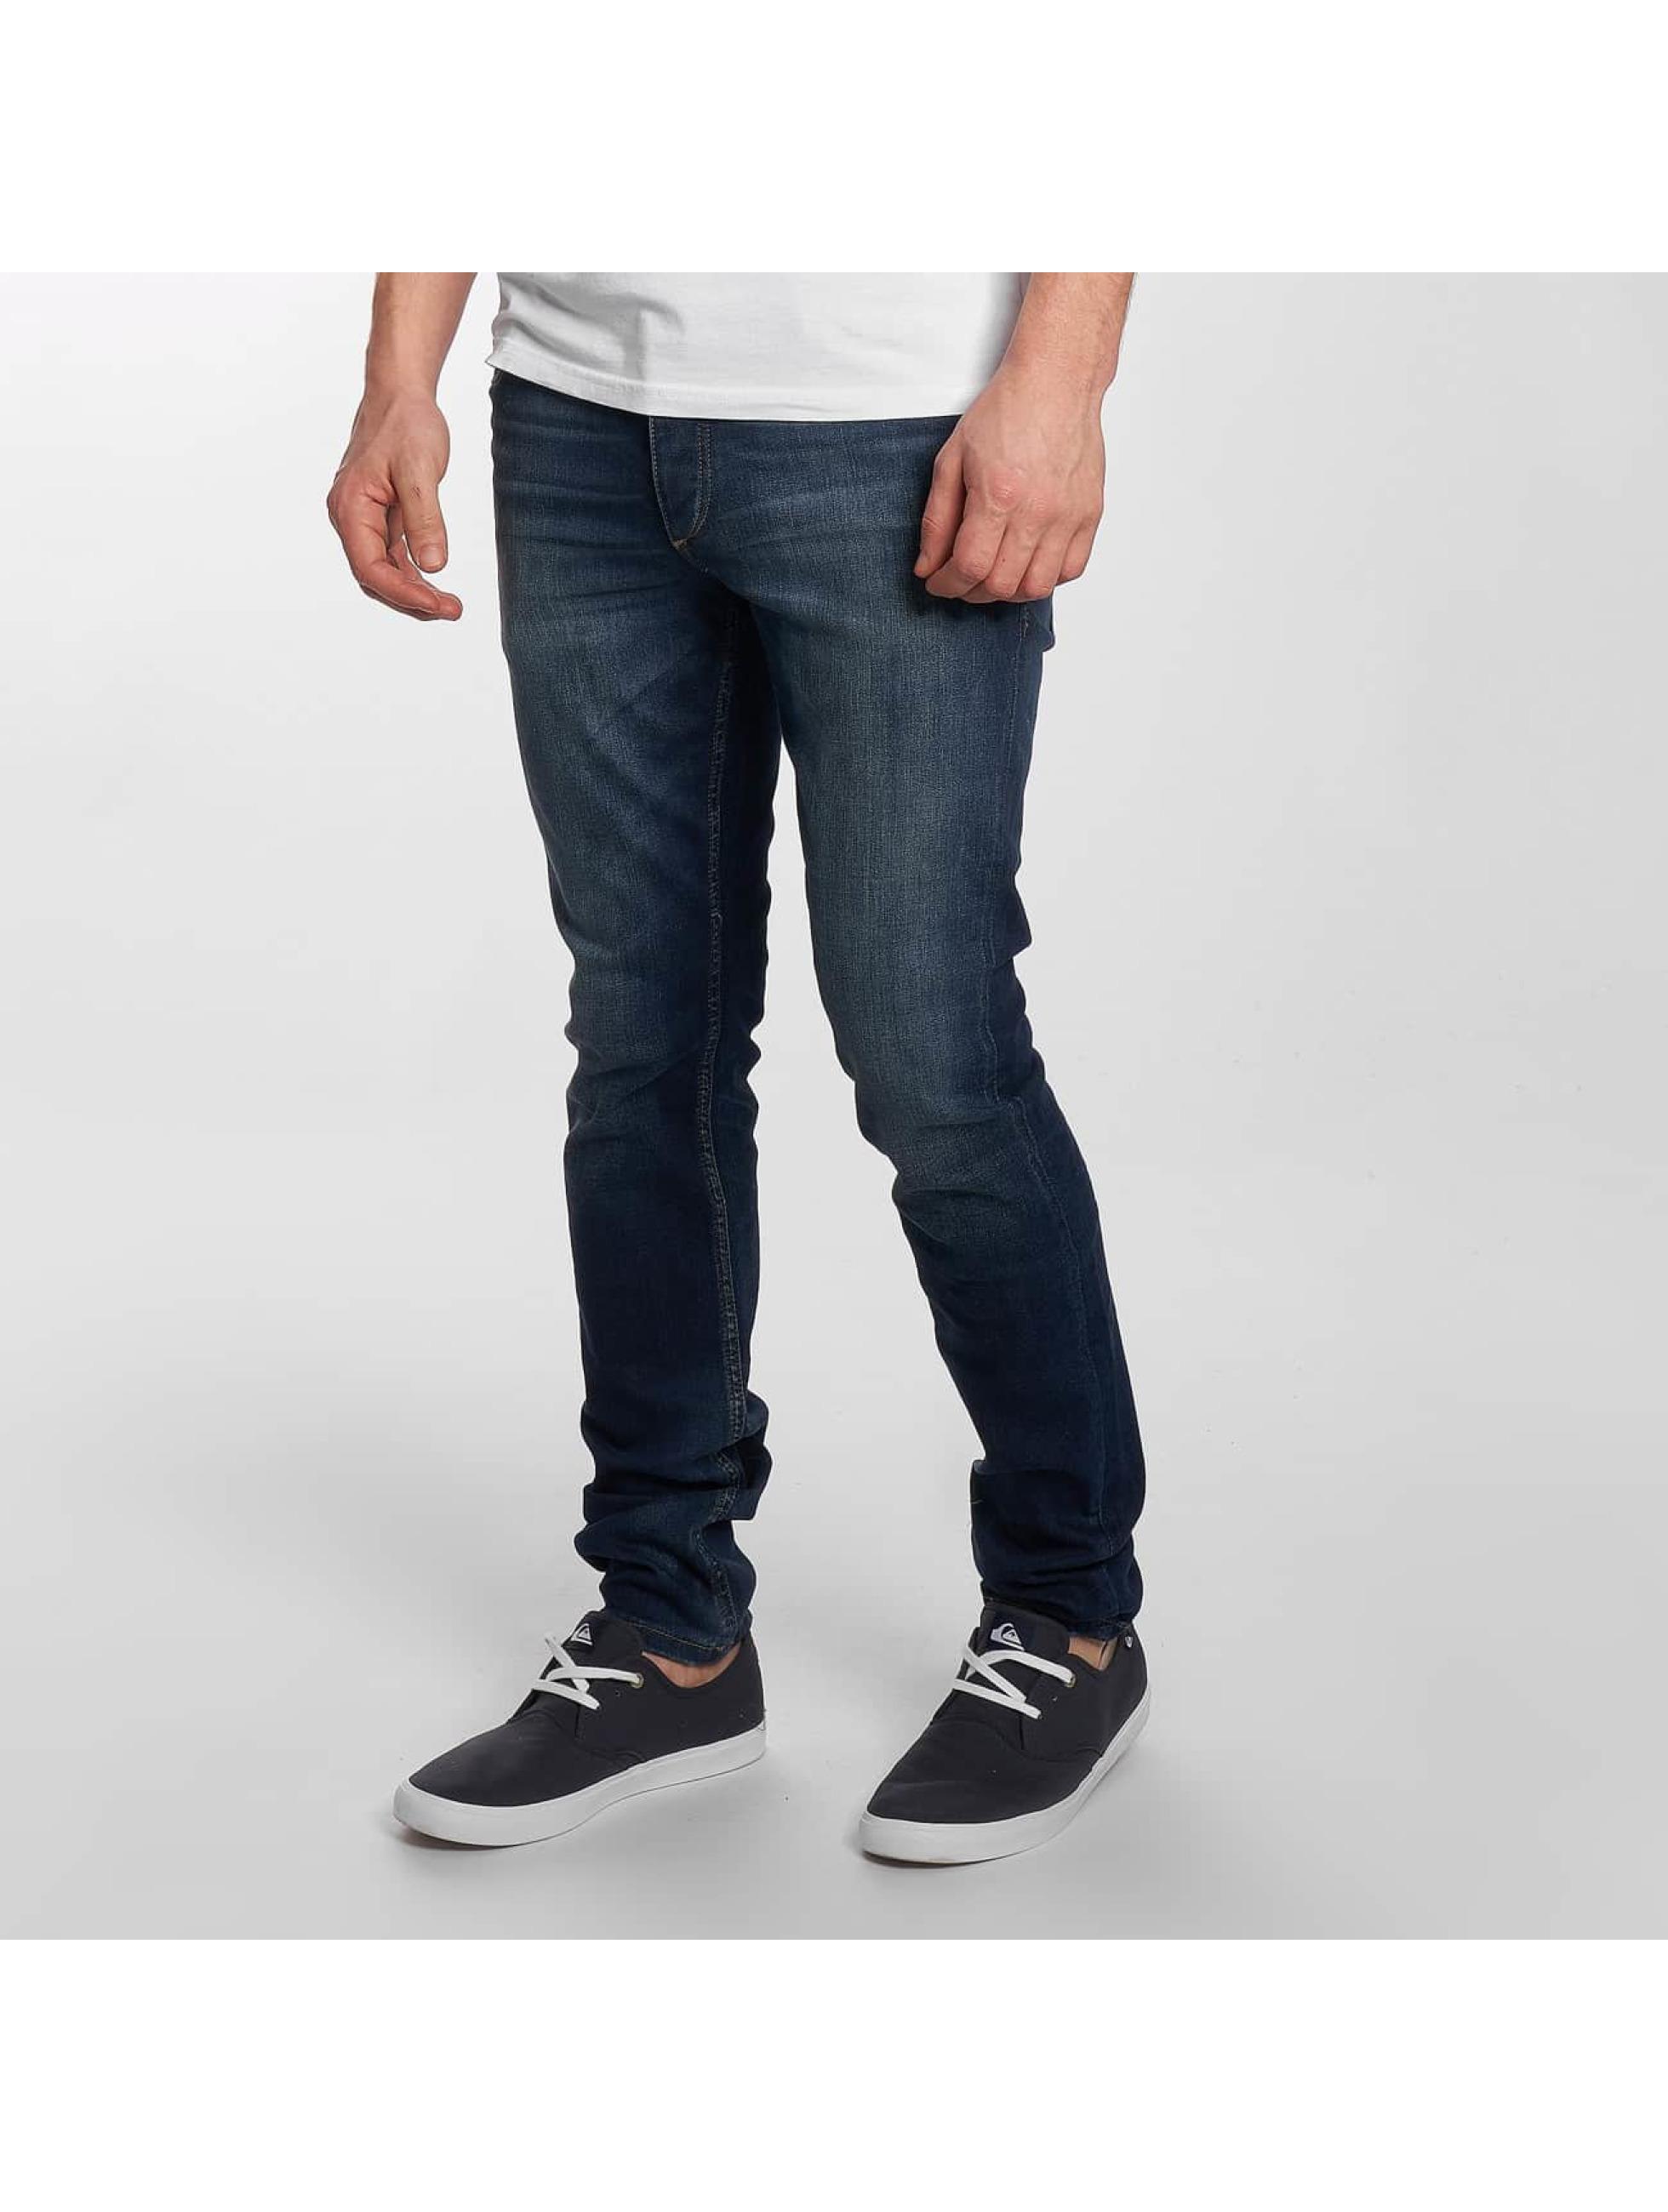 Jack & Jones Облегающие джинсы jjTIM синий